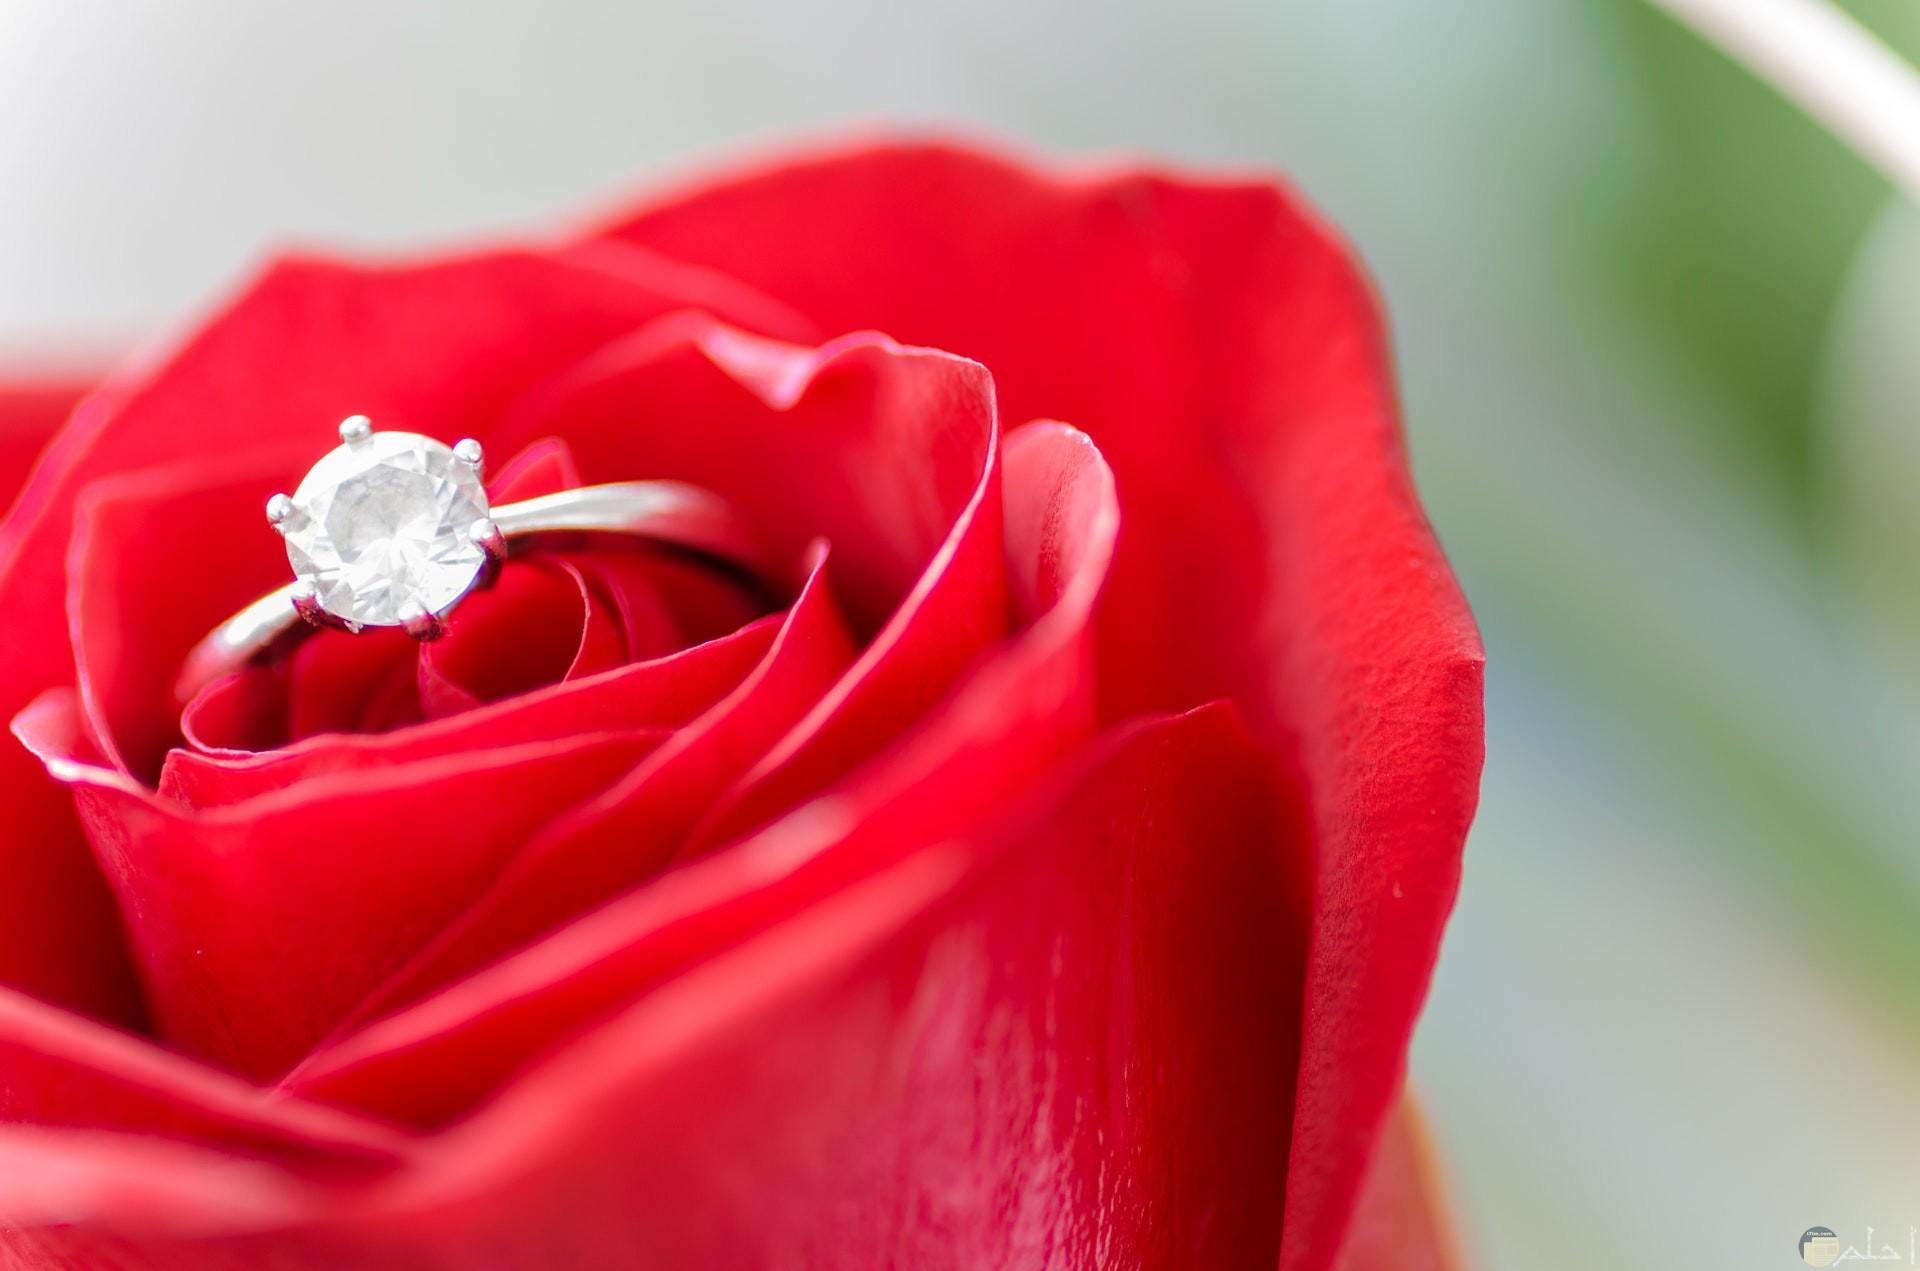 صورة رومانسية جميلة لوردة حمراء حلوة بها خاتم روعة